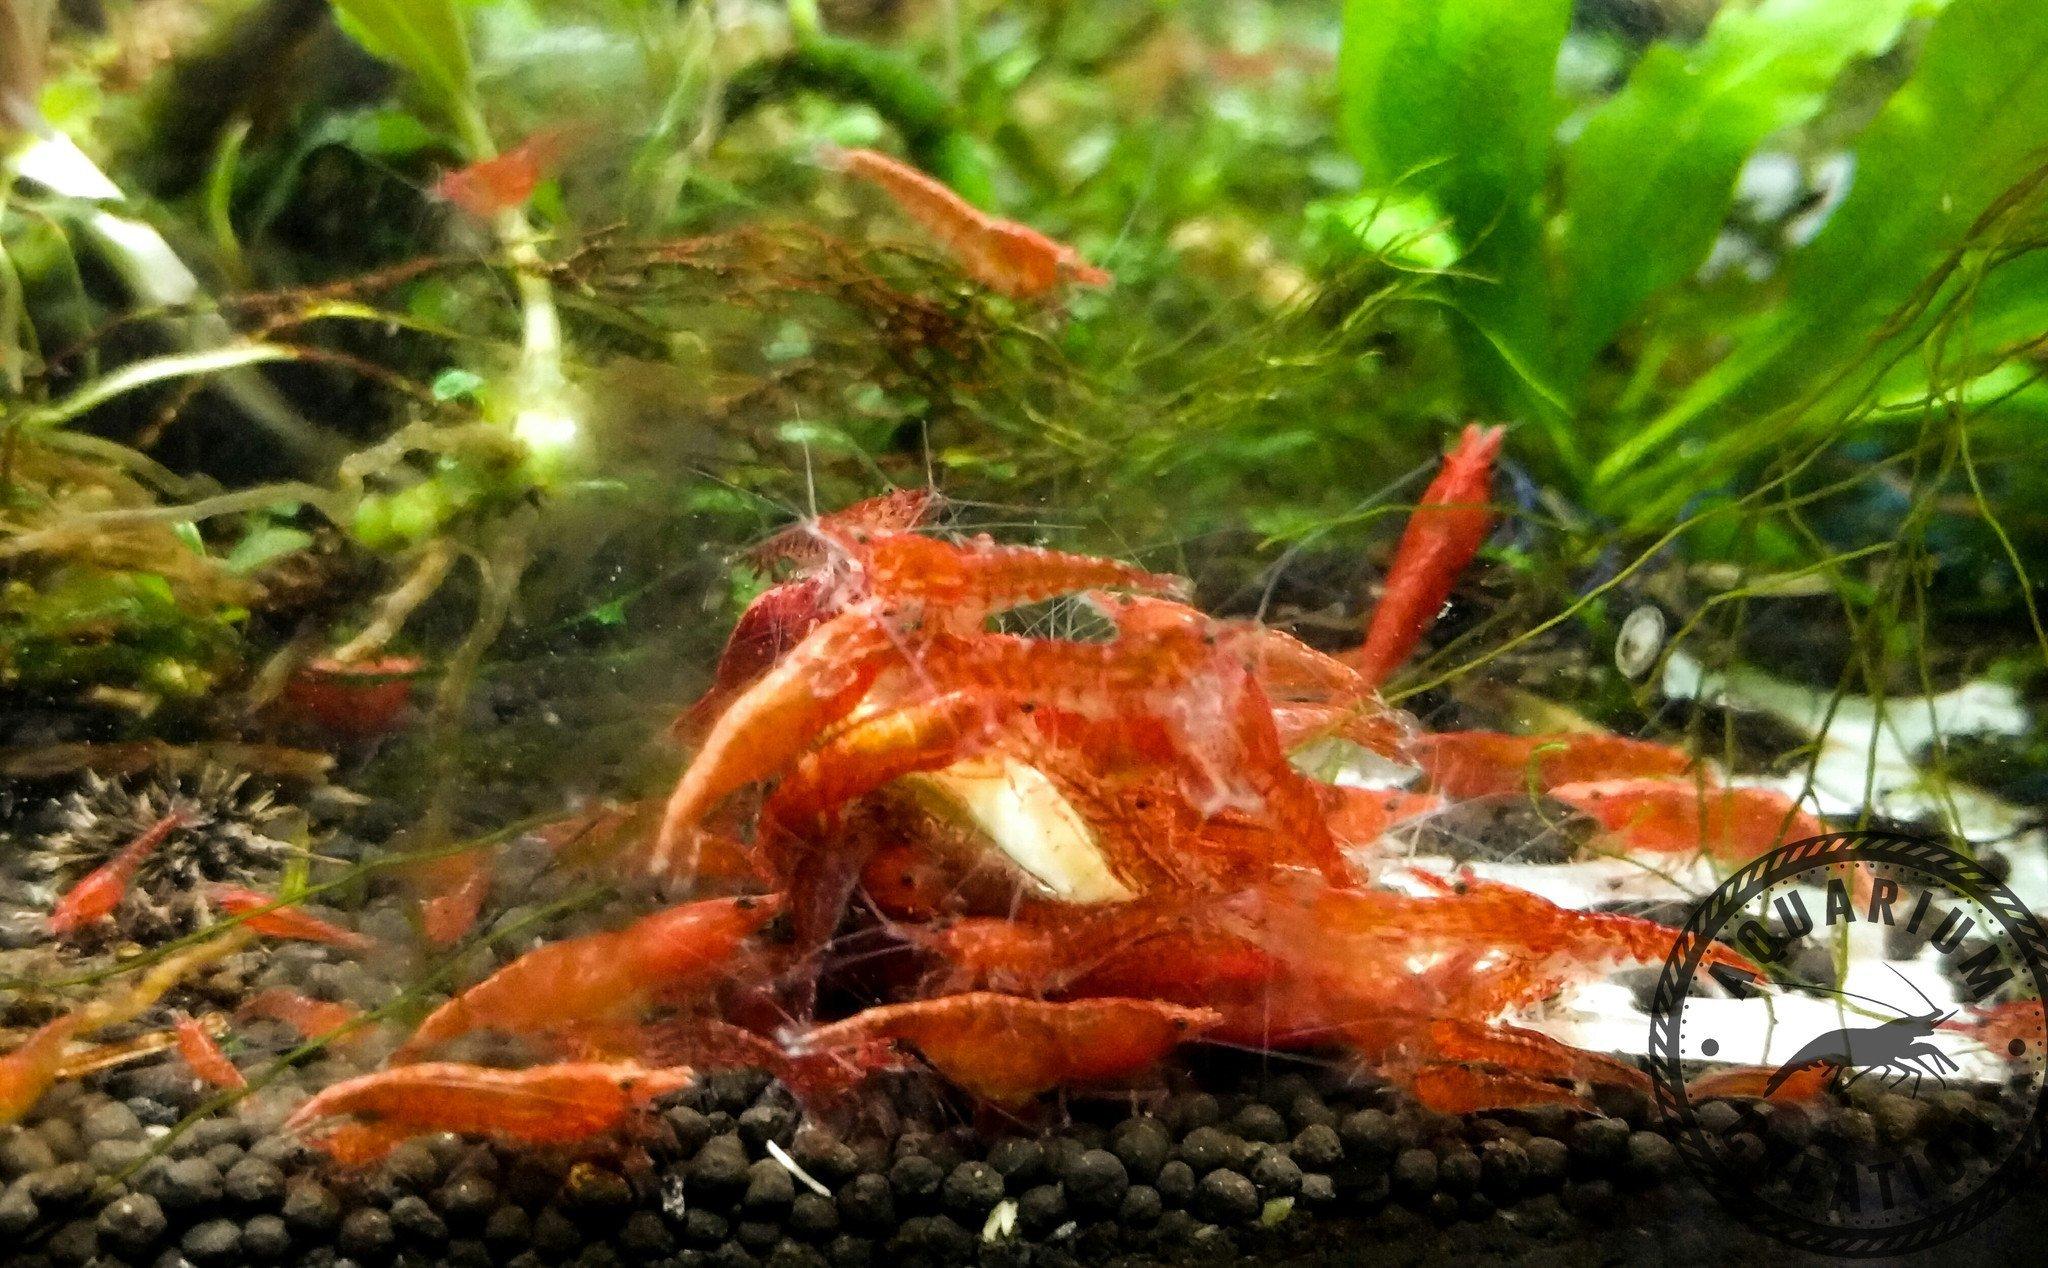 Aquarium Creation 10 Red Cherry Shrimp Neocaridina davidi Live Freshwater Aquarium Shrimp by Aquarium Creation